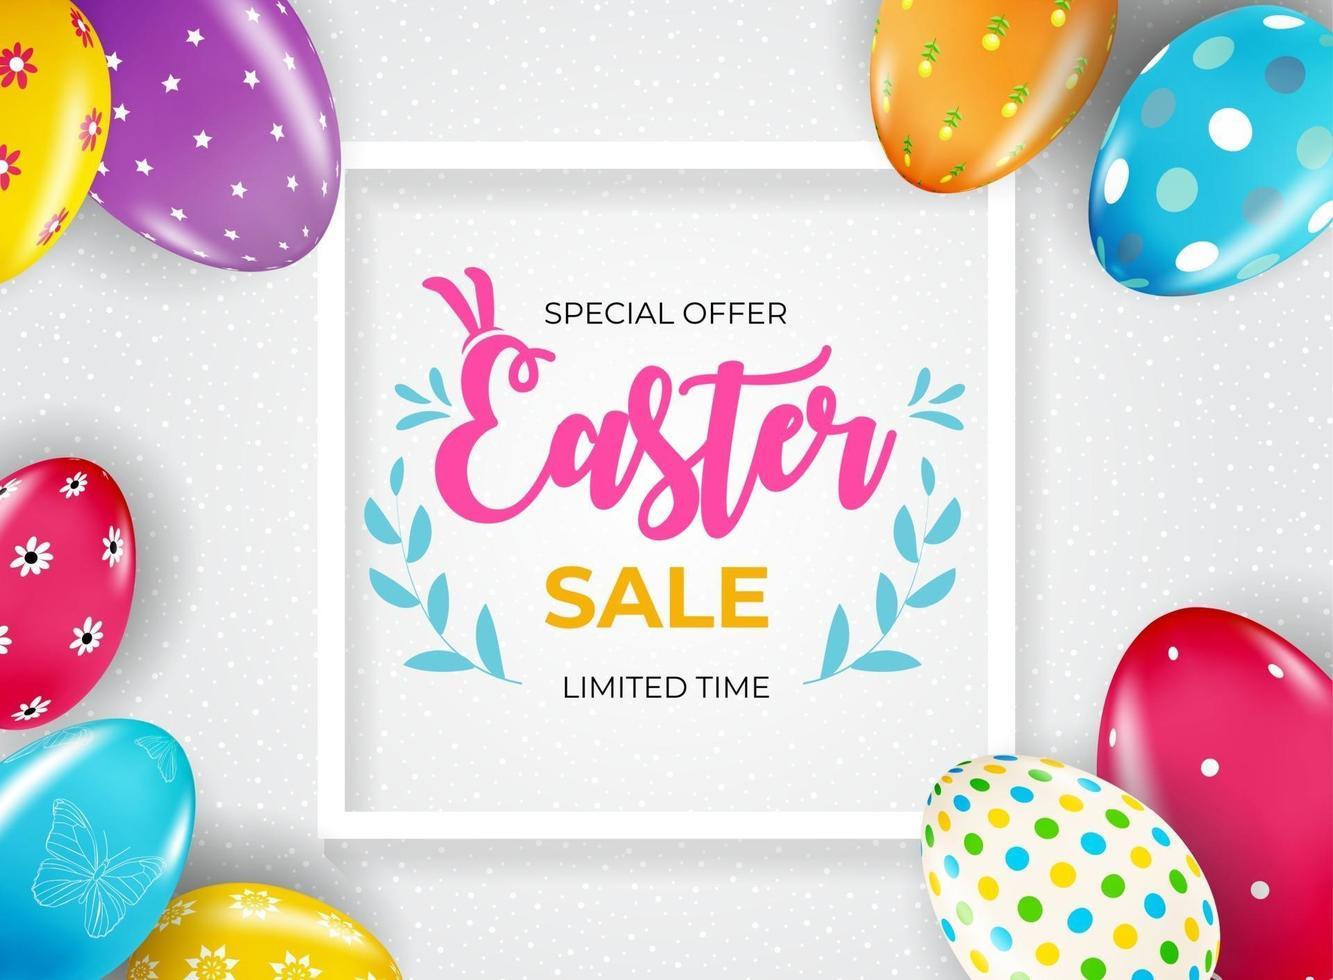 påsk försäljning affisch mall med 3d realistiska påskägg. mall för reklam, affisch, flygblad, gratulationskort. vektor illustration.